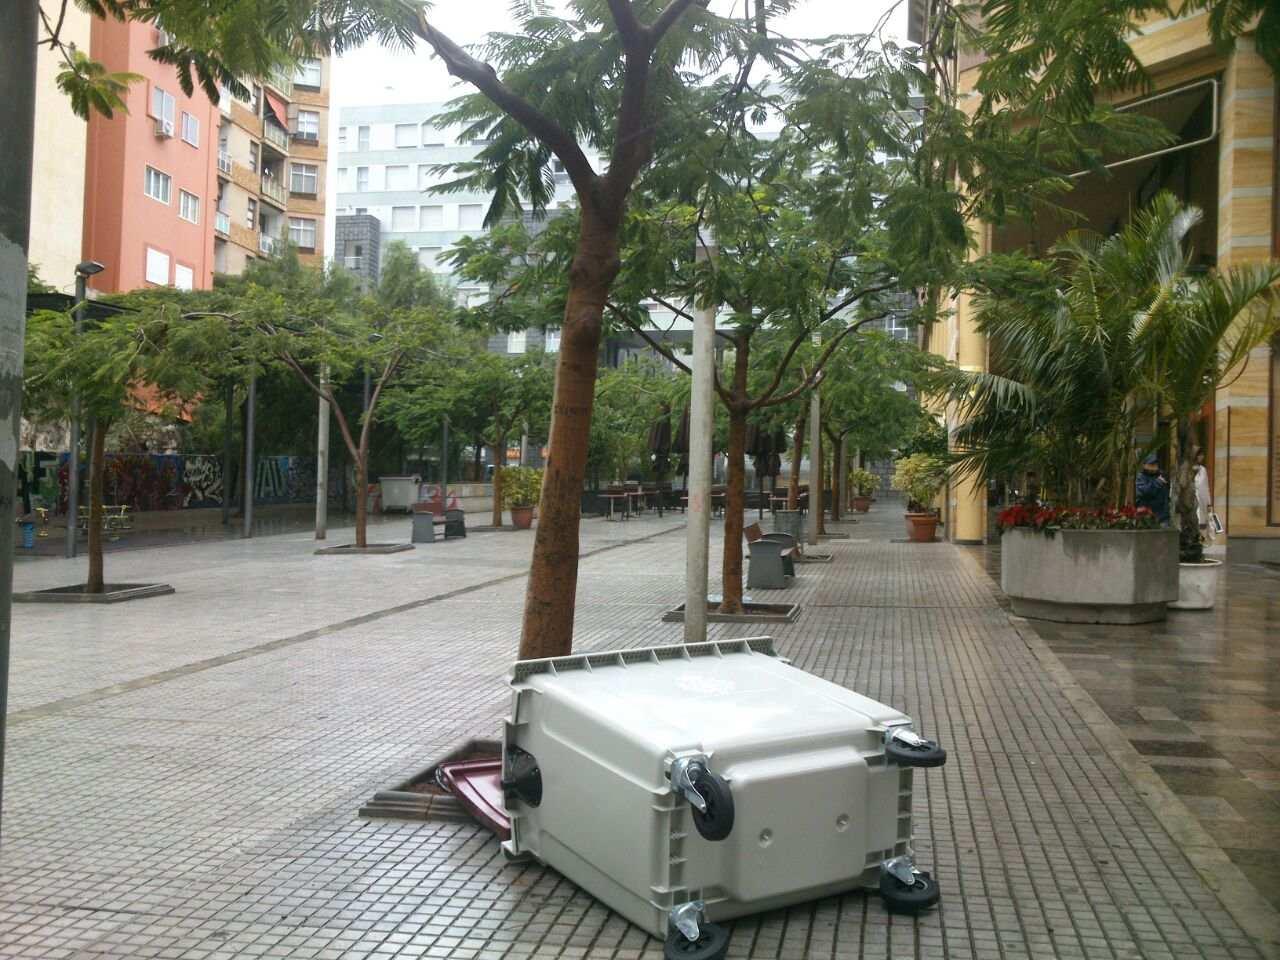 El desplazamiento del mobiliario urbano por las rachas de viento en Santa Cruz./ DA